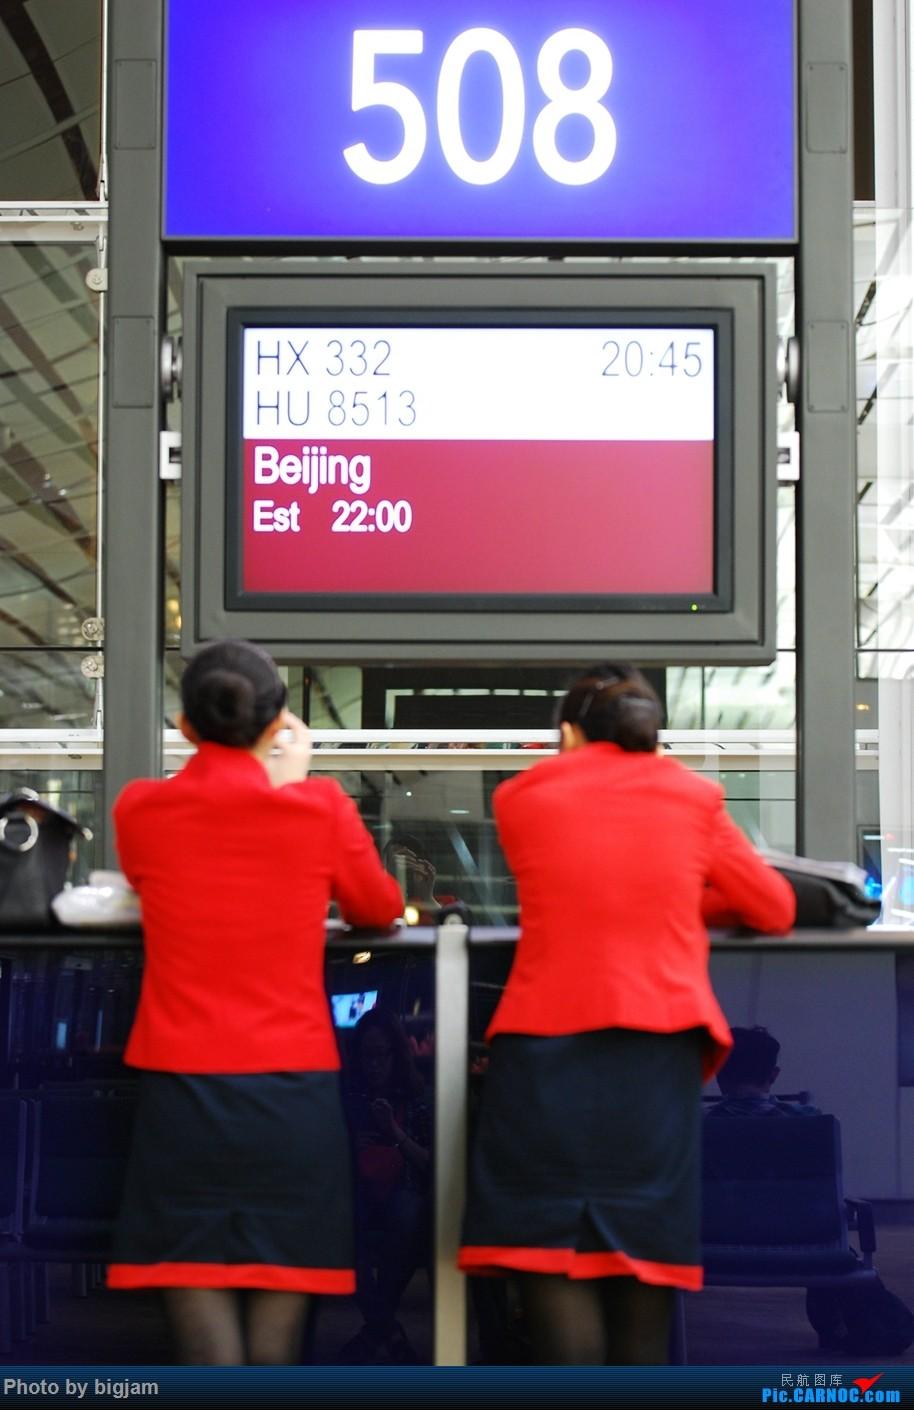 Re:[原创]香港三日闲游,外加沙螺湾和香港机场T2观景台拍机游记,众多PEK看不到的货。(更新完) AIRBUS A380-842 VH-OQA 中国香港赤鱲角国际机场